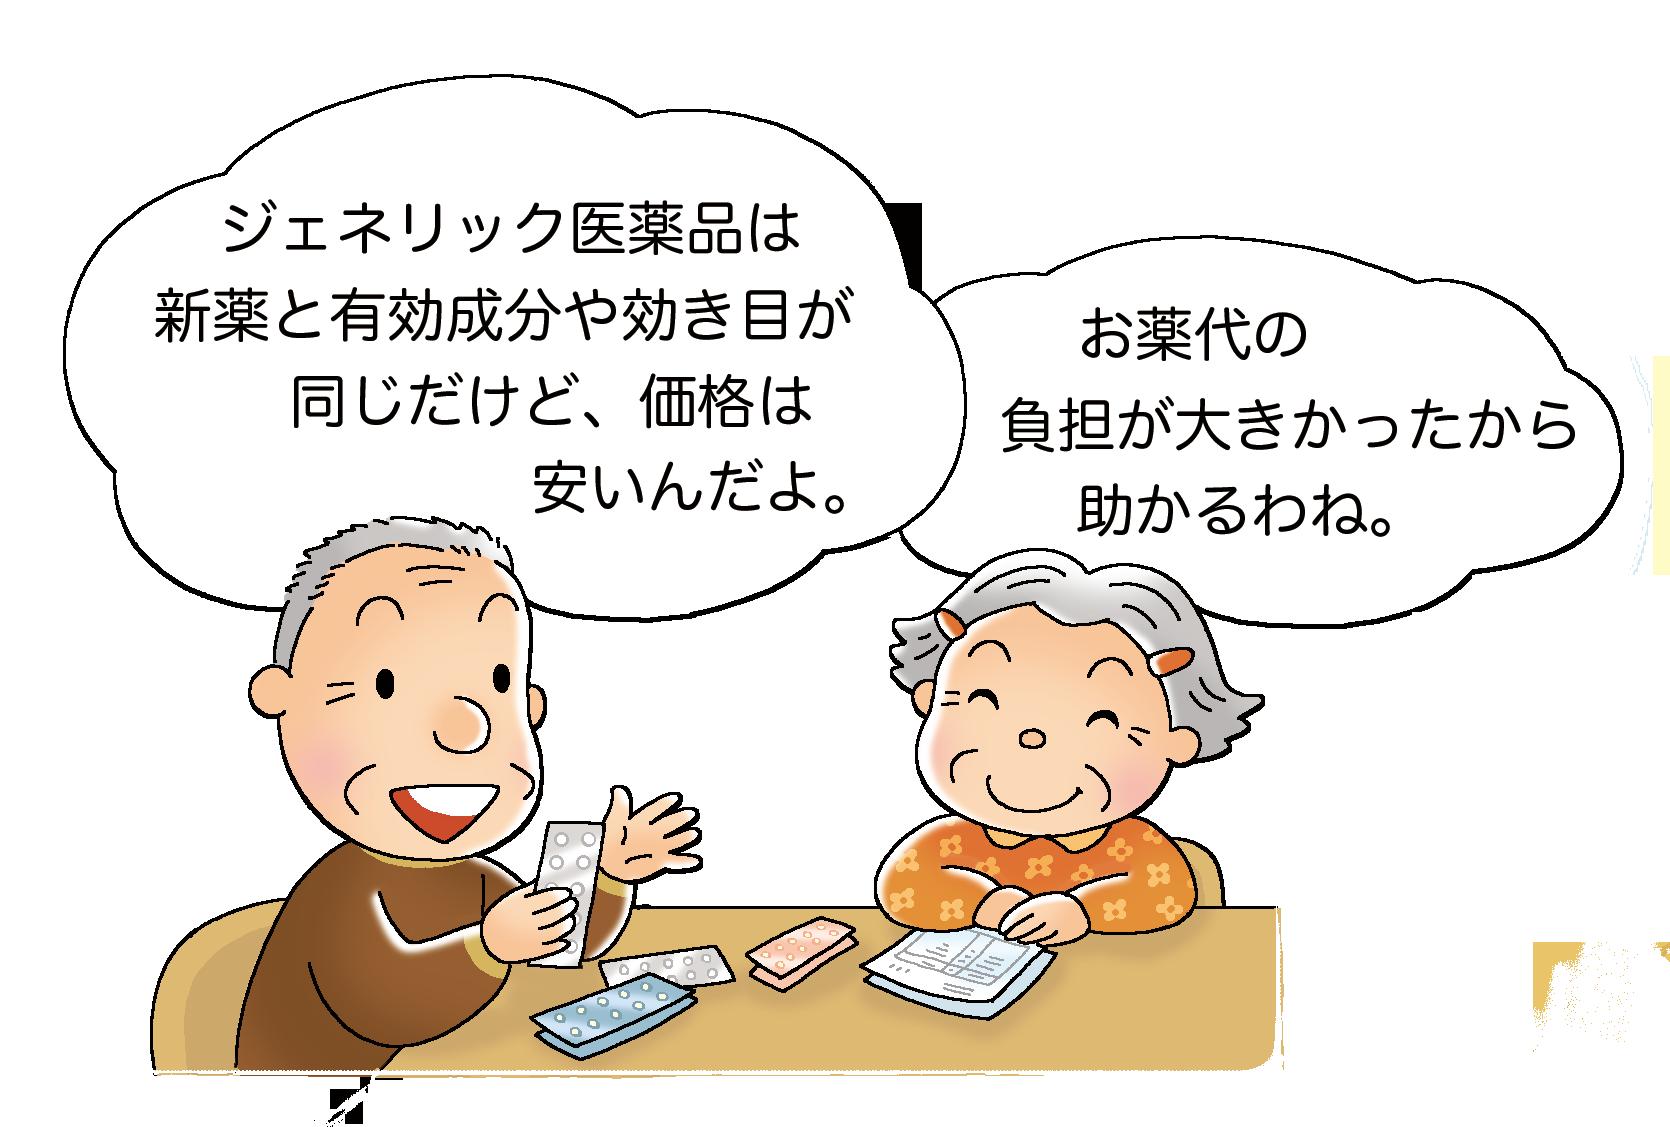 ジェネリック医薬品について会話をしている高齢者夫婦の画像